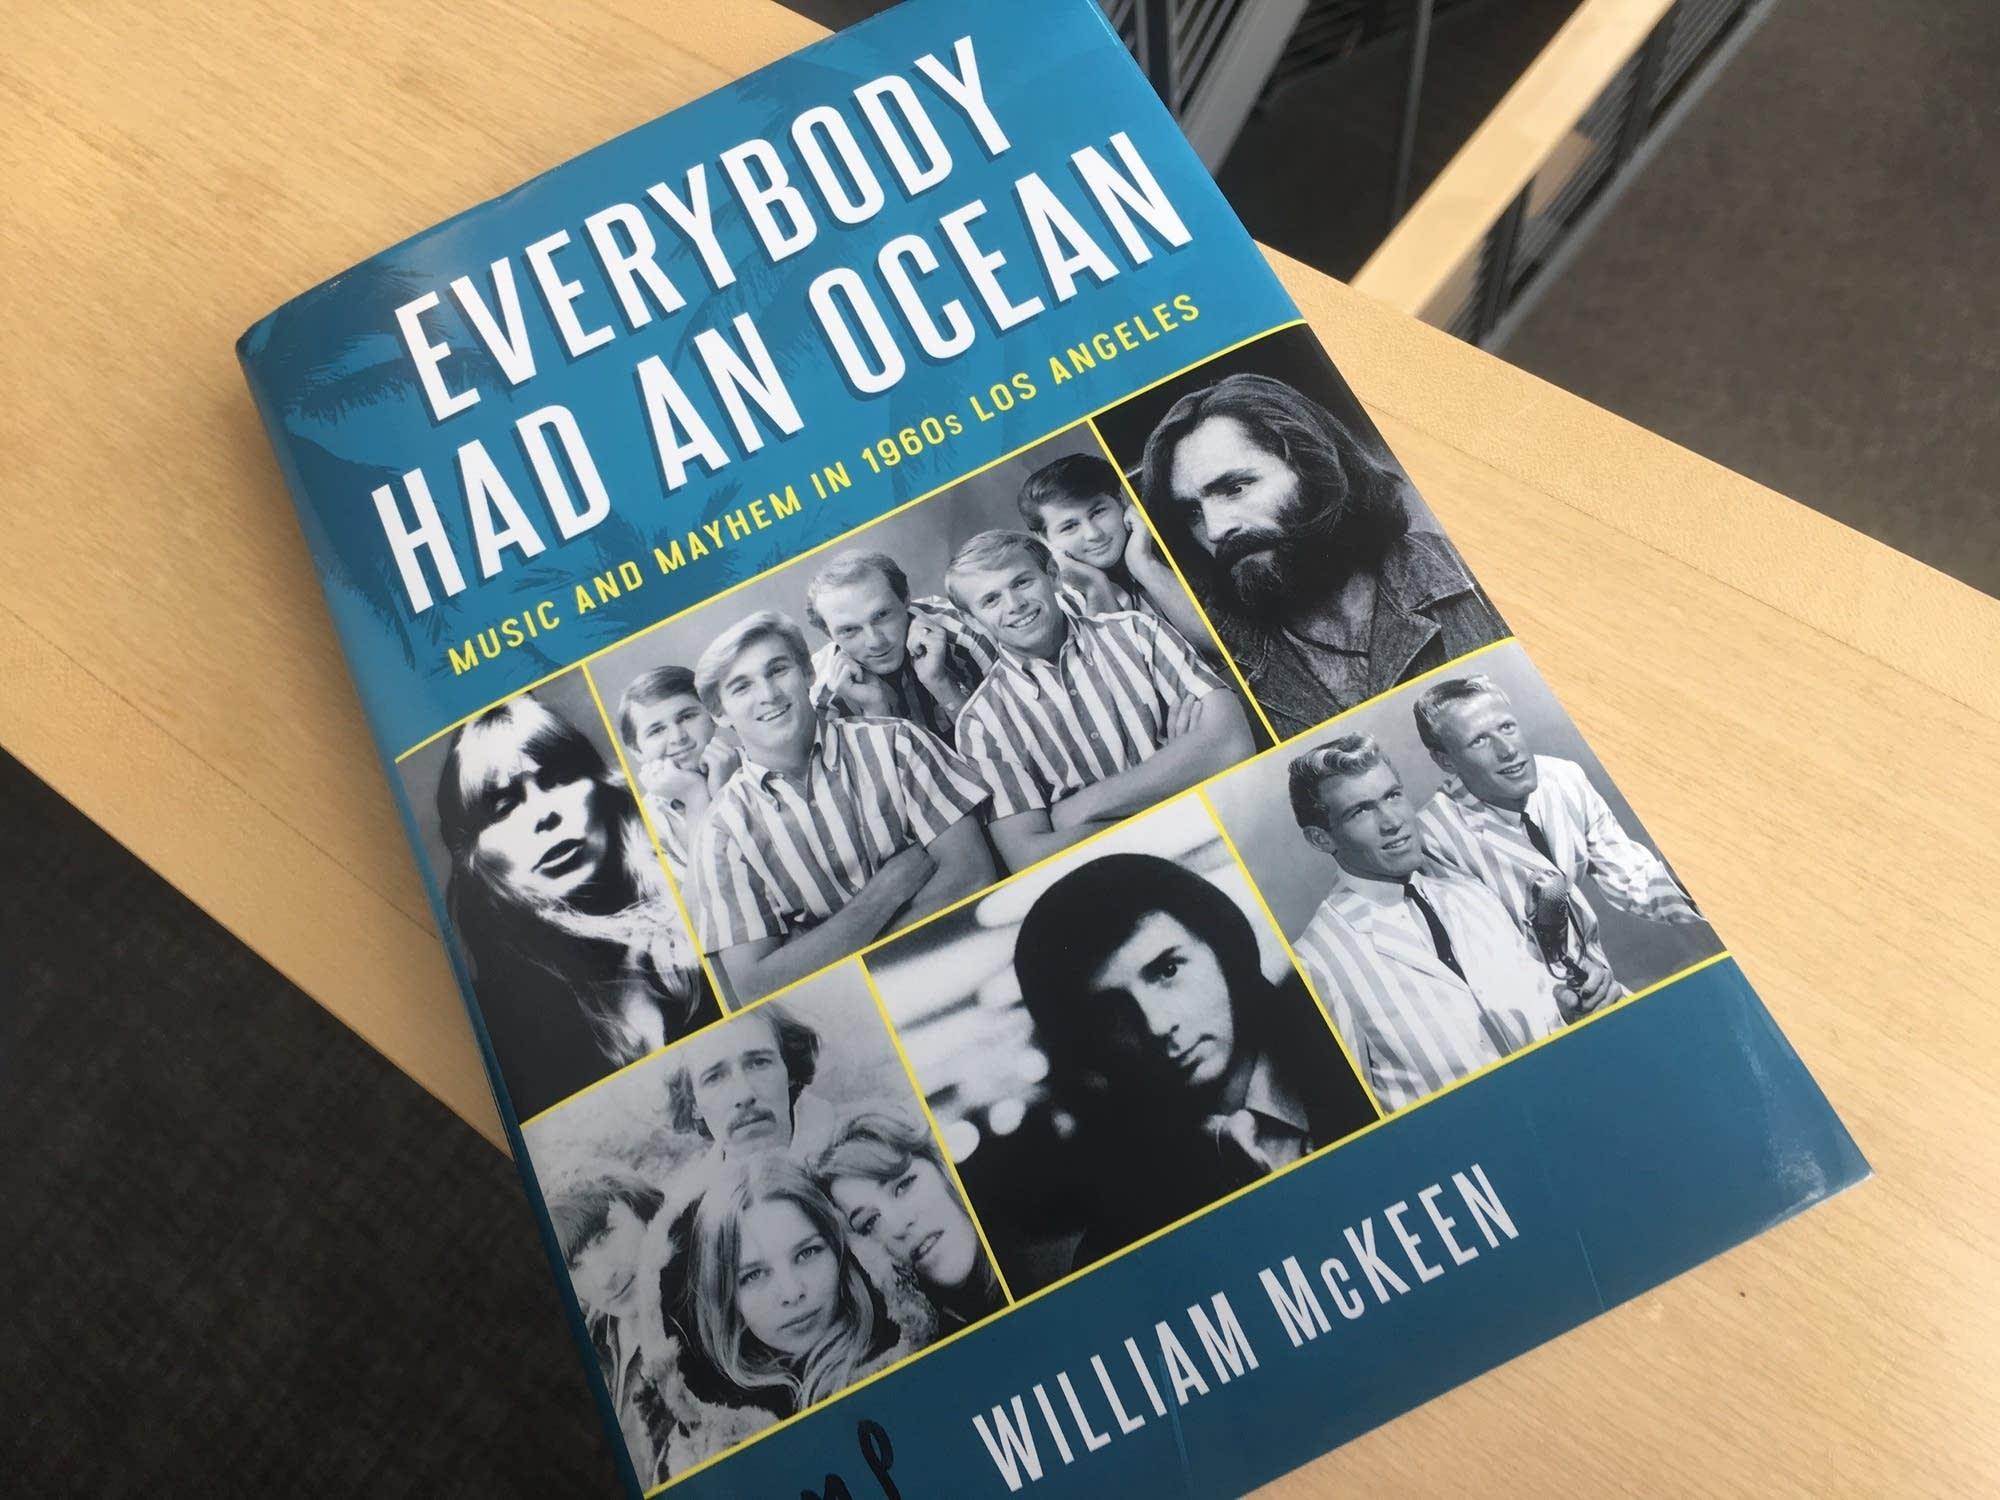 William McKeen's 'Everybody Had an Ocean'